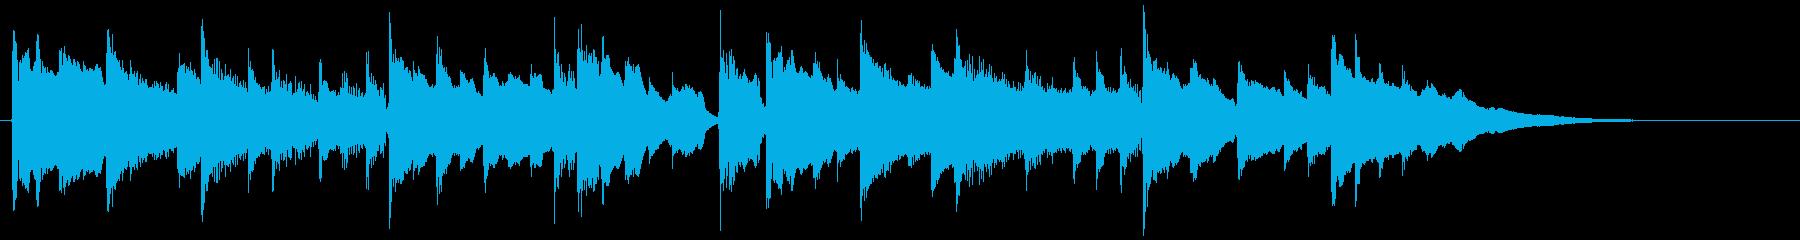 アコギの穏やかで感動的なCM曲A/30秒の再生済みの波形